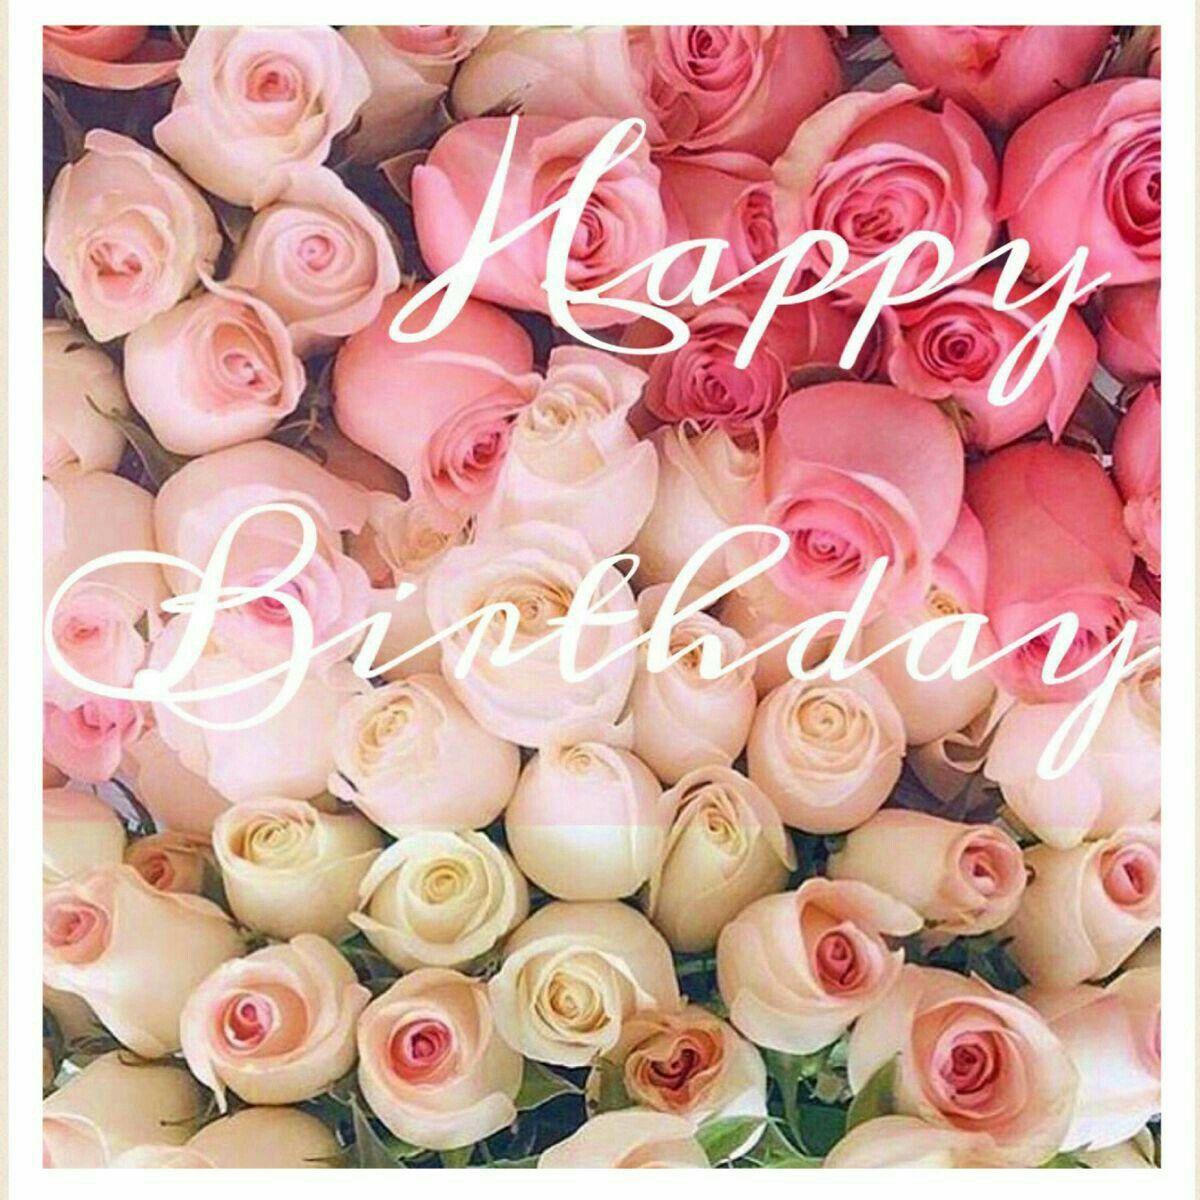 Pin By Niki Bof On Pinterest Birthday Wishes Happy